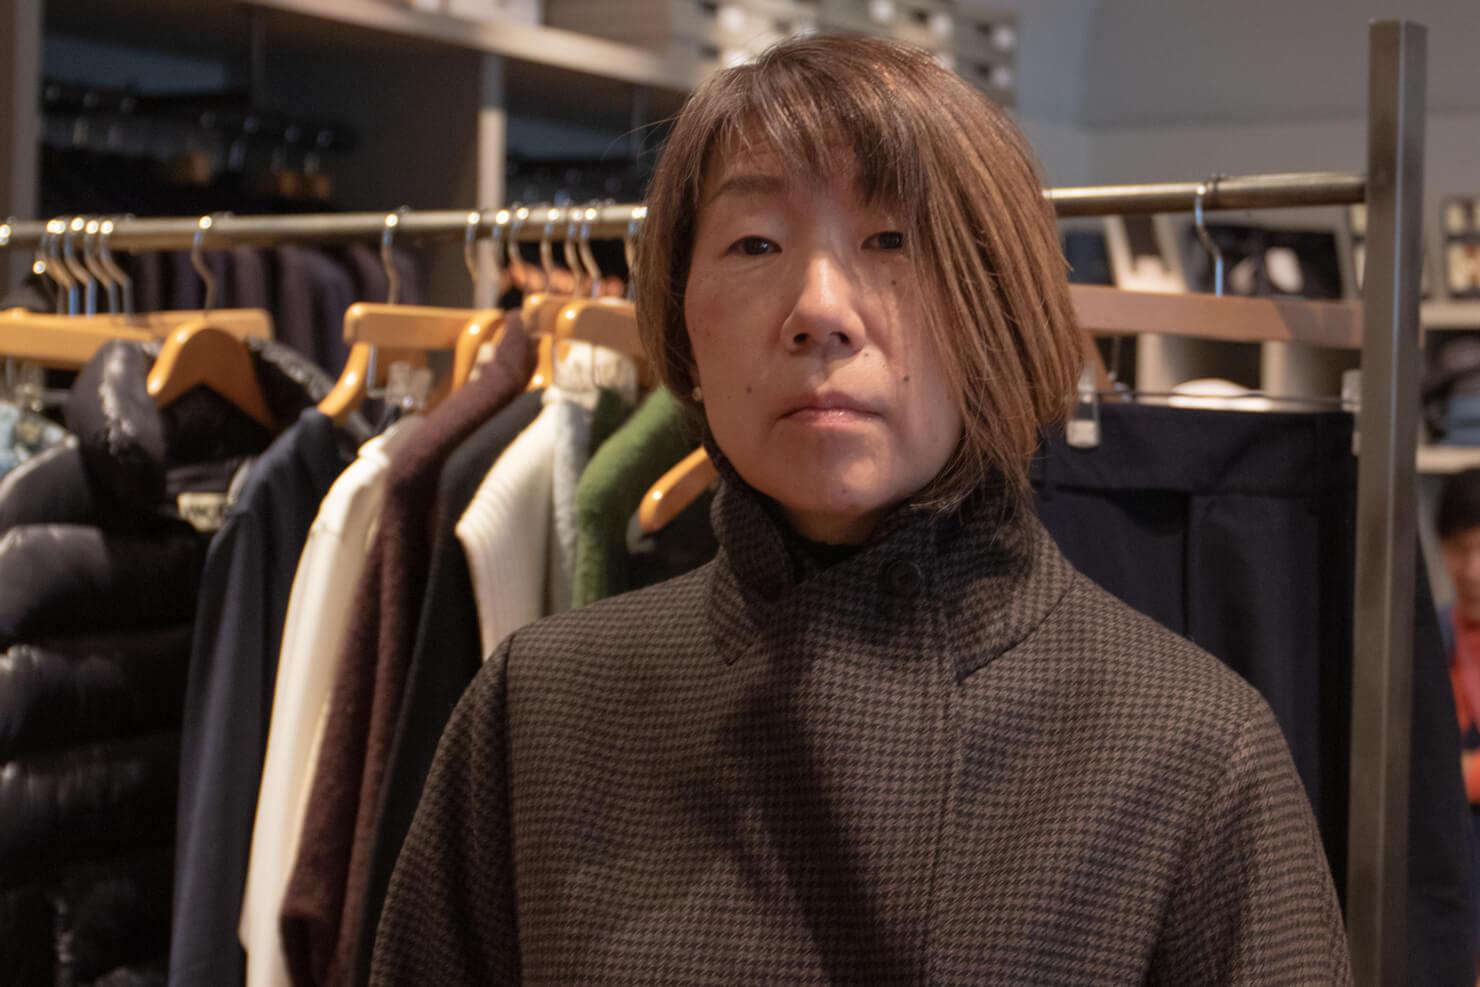 ジャケットの襟の防寒用のボタンを留めてすましているが変な顔のガッツの写真